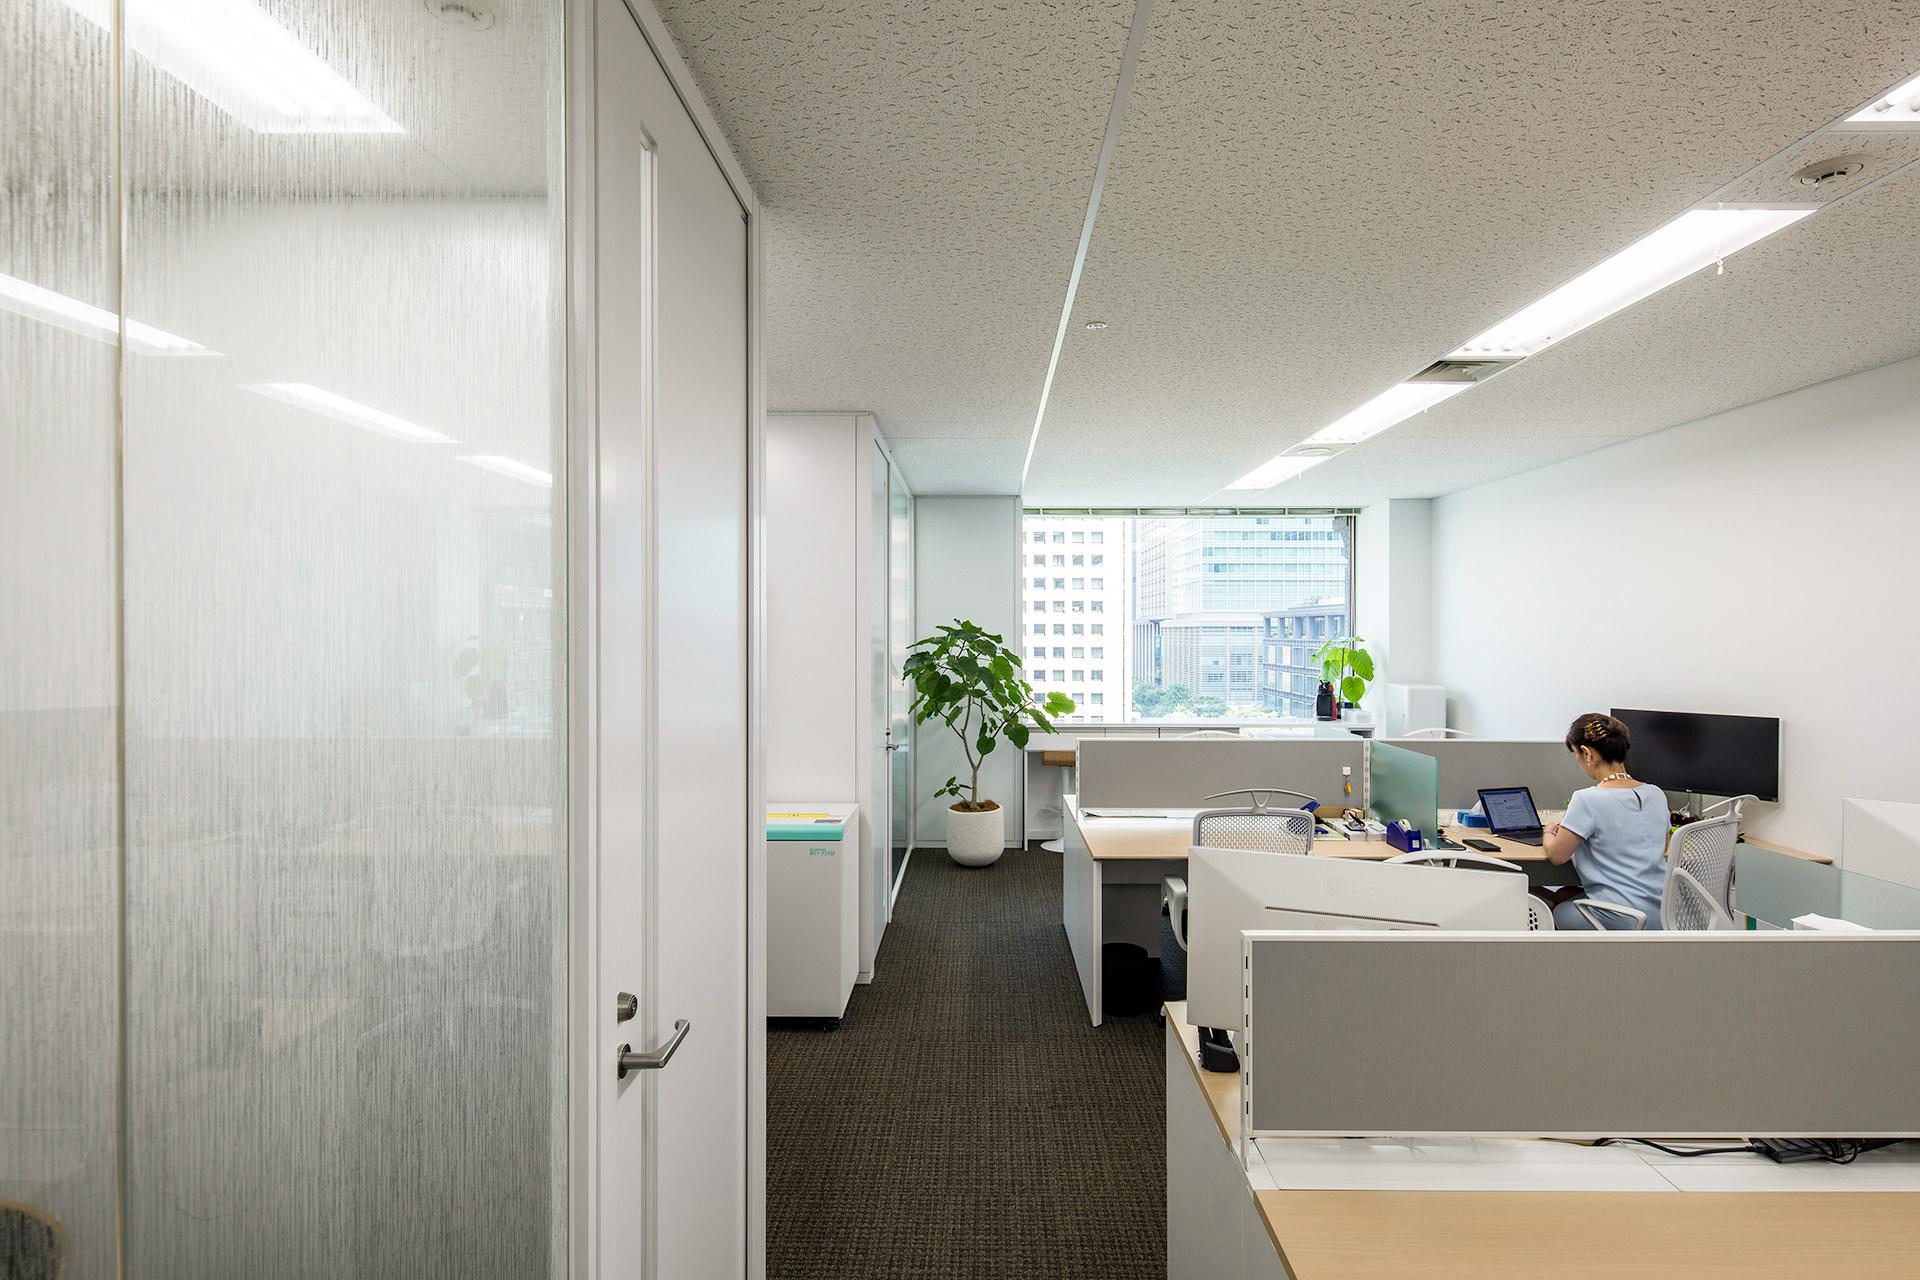 「日本バイオガスデベロップメント」オフィス竣工撮影の事例05